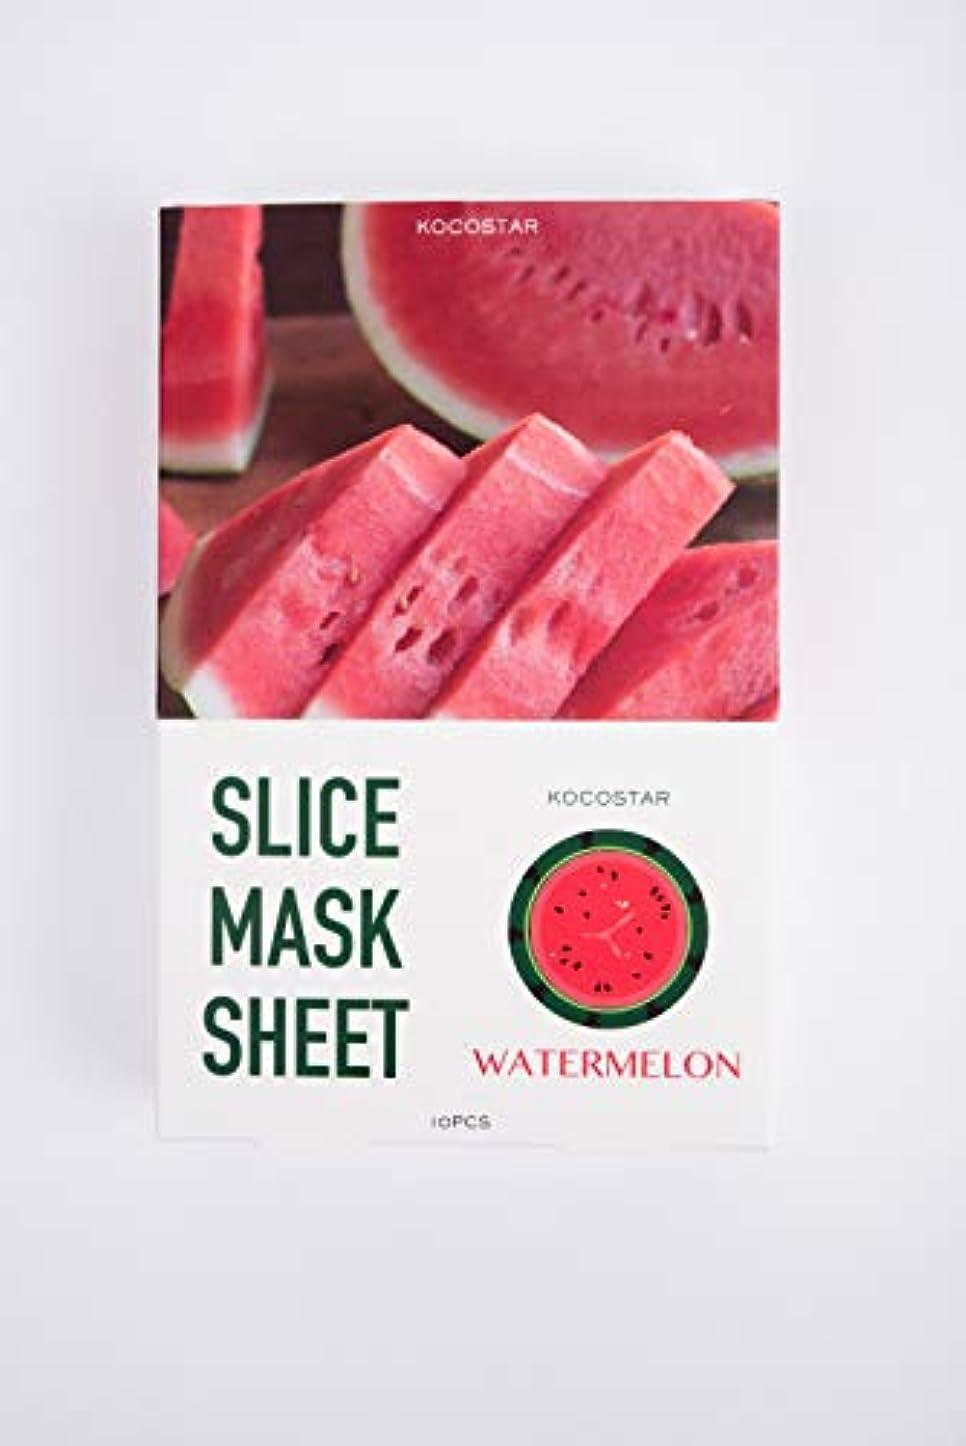 徹底的に借りているぐったりKOCOSTAR Slice Mask Sheet - Watermelon 10sheets並行輸入品